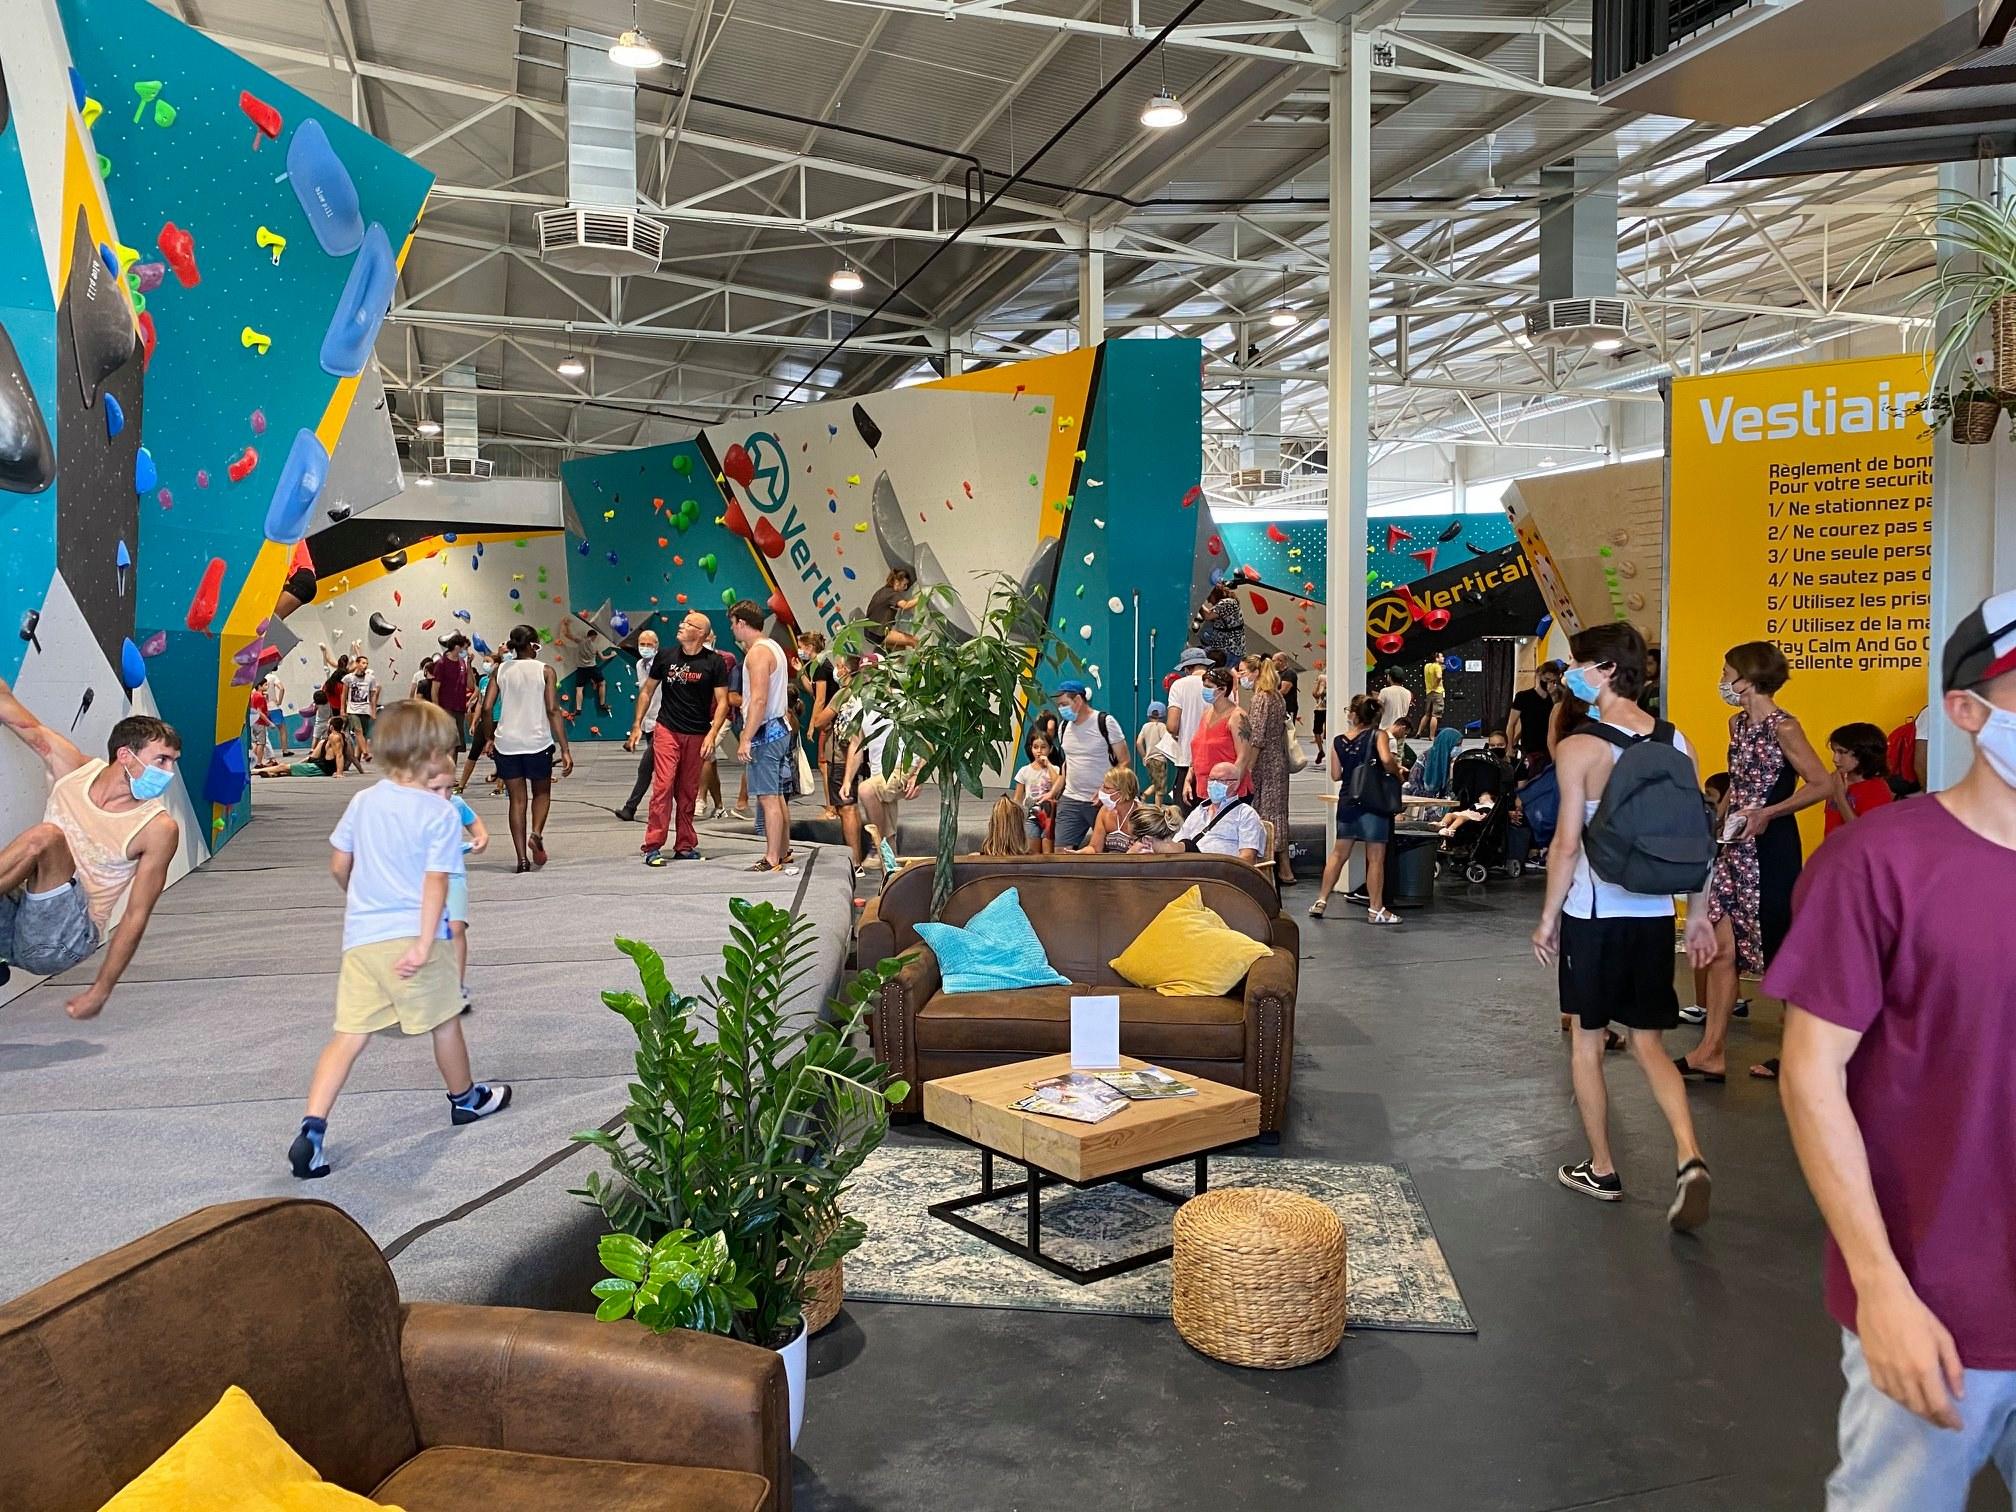 Salle d'escalade Vertical'Art Toulon. Journée portes ouvertes dans le Var.